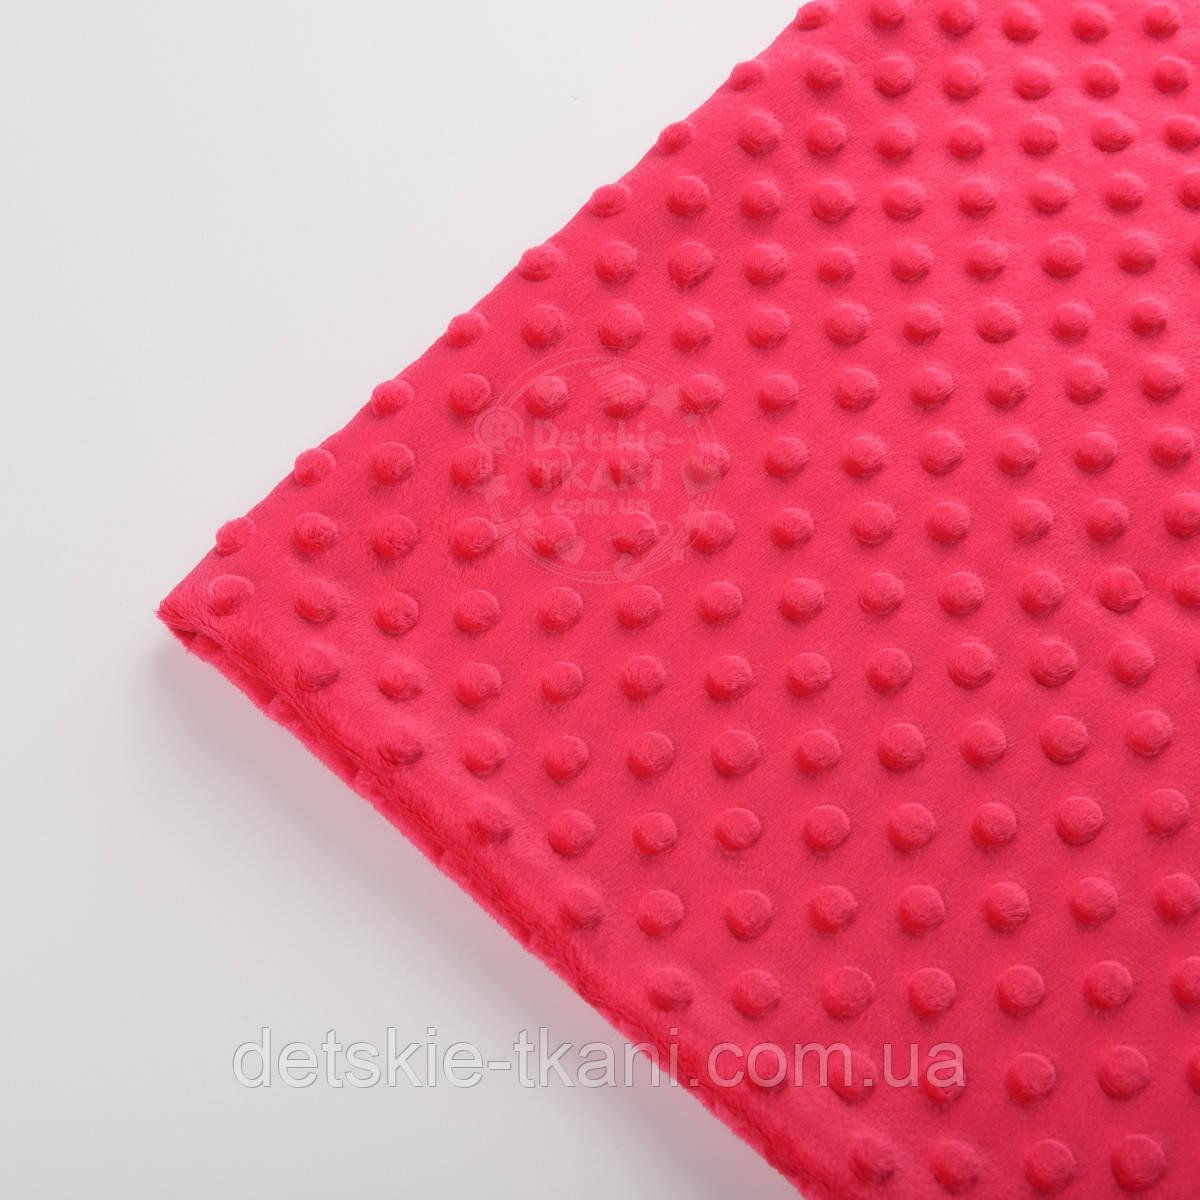 Отрез плюш minky М-14 для пледа, размер 100*80 см, малиновый цвет